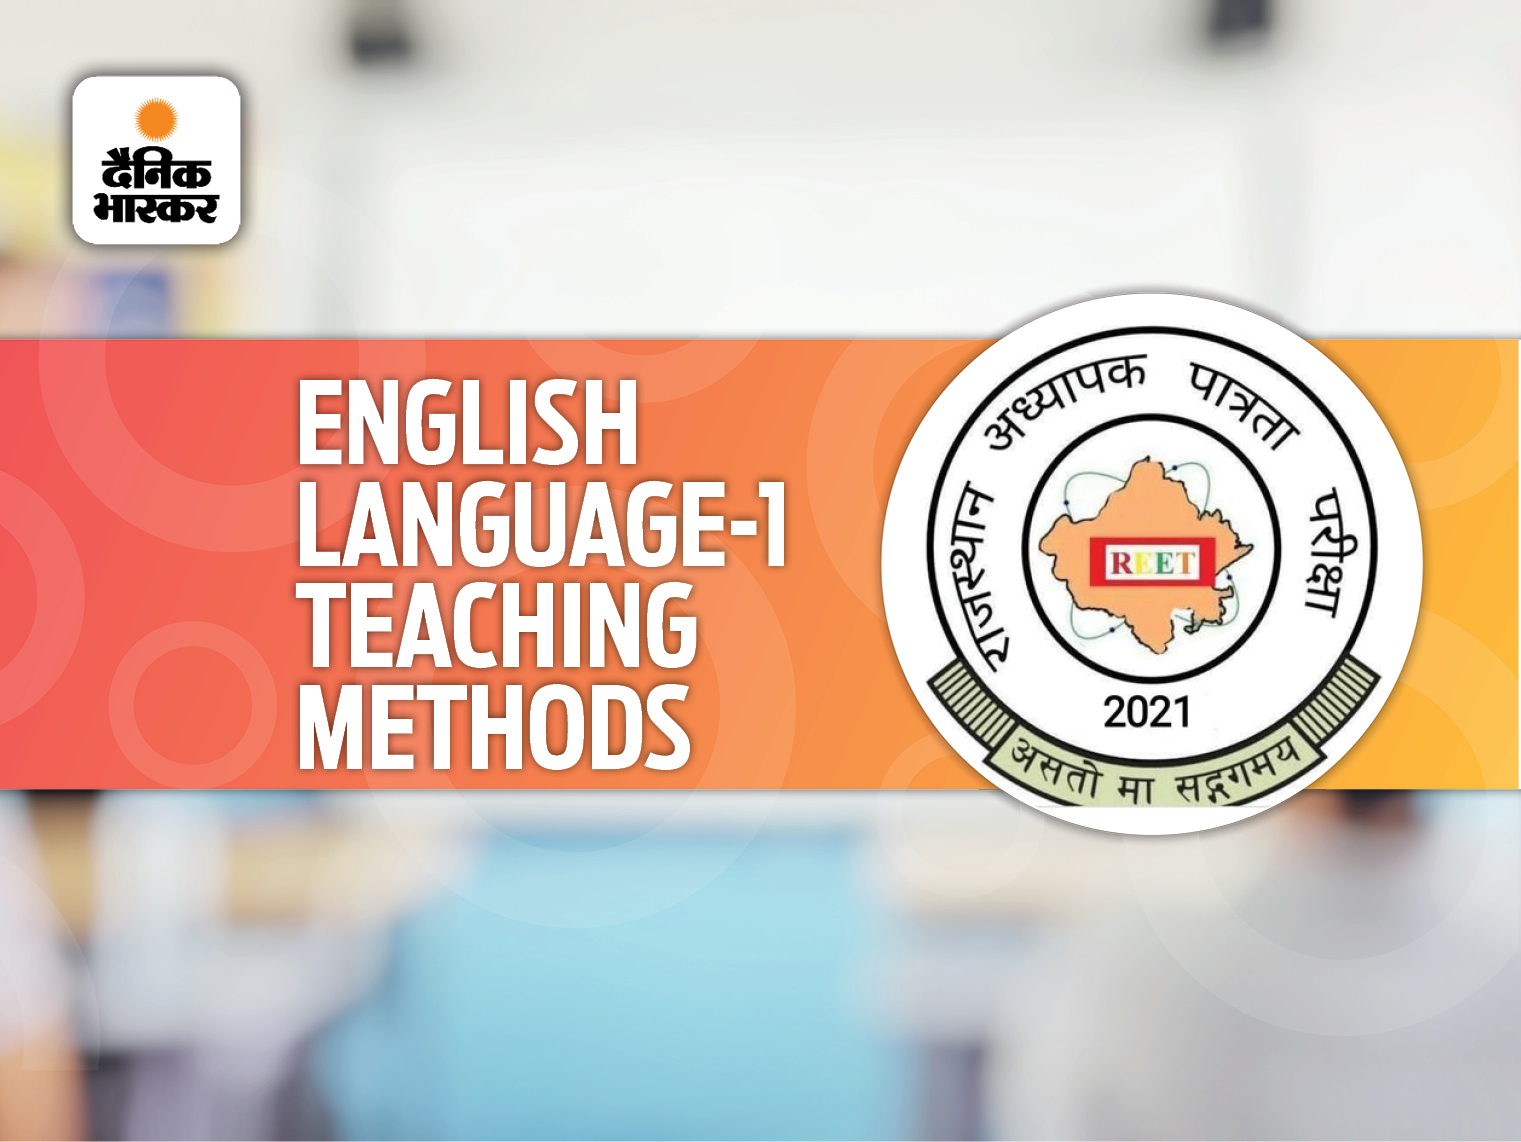 लेवल-Iऔर लेवल-II दोनों में लैंग्वेज-1 TEACHING METHODS करें तैयार, प्रश्नों को हल कर देखें ANSWER KEY|REET 2021,REET 2021 - Dainik Bhaskar